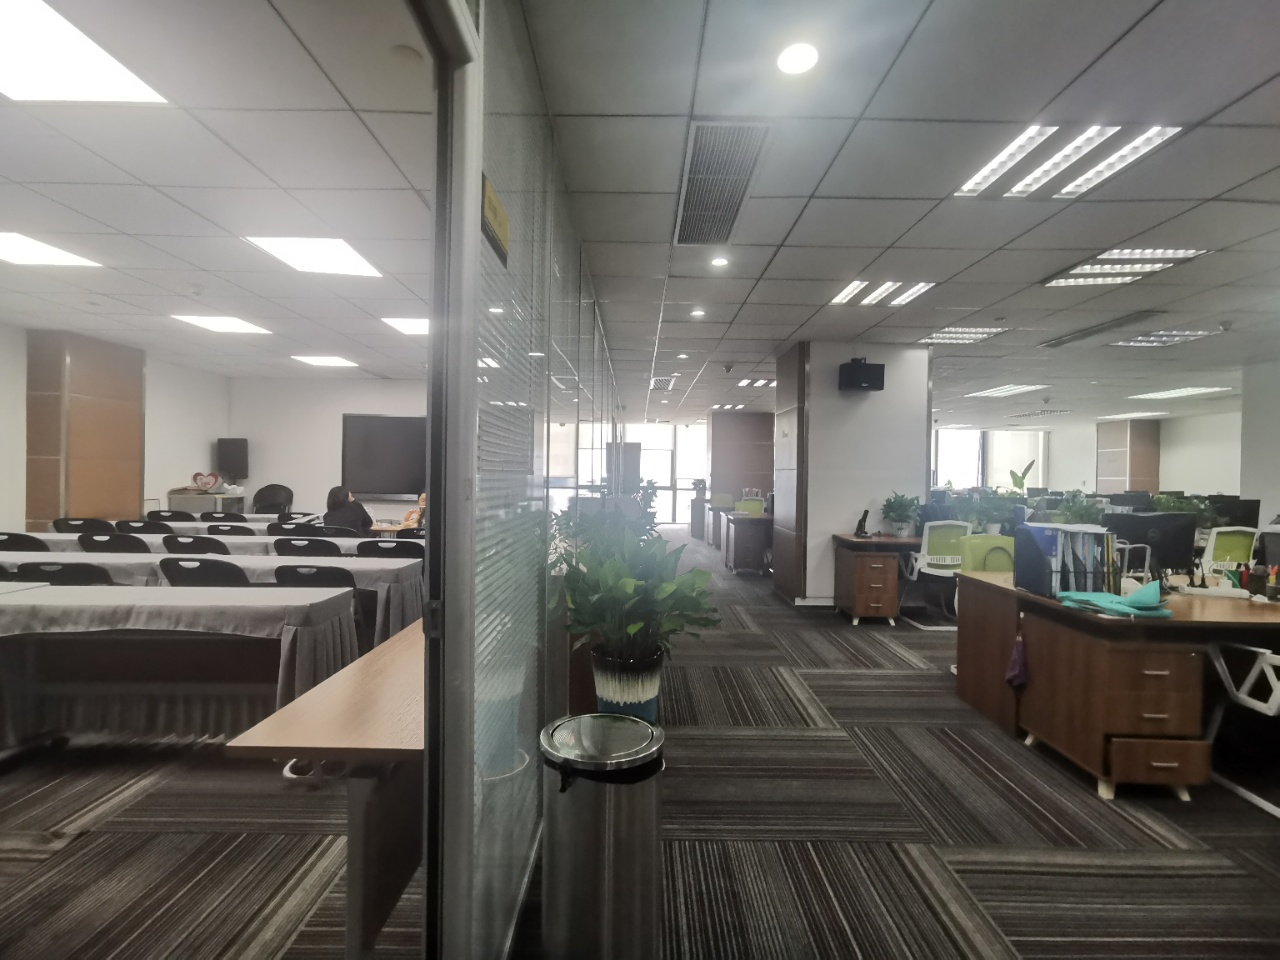 80工位丨富力中心390平米现房精装带家具,工区方正无遮挡